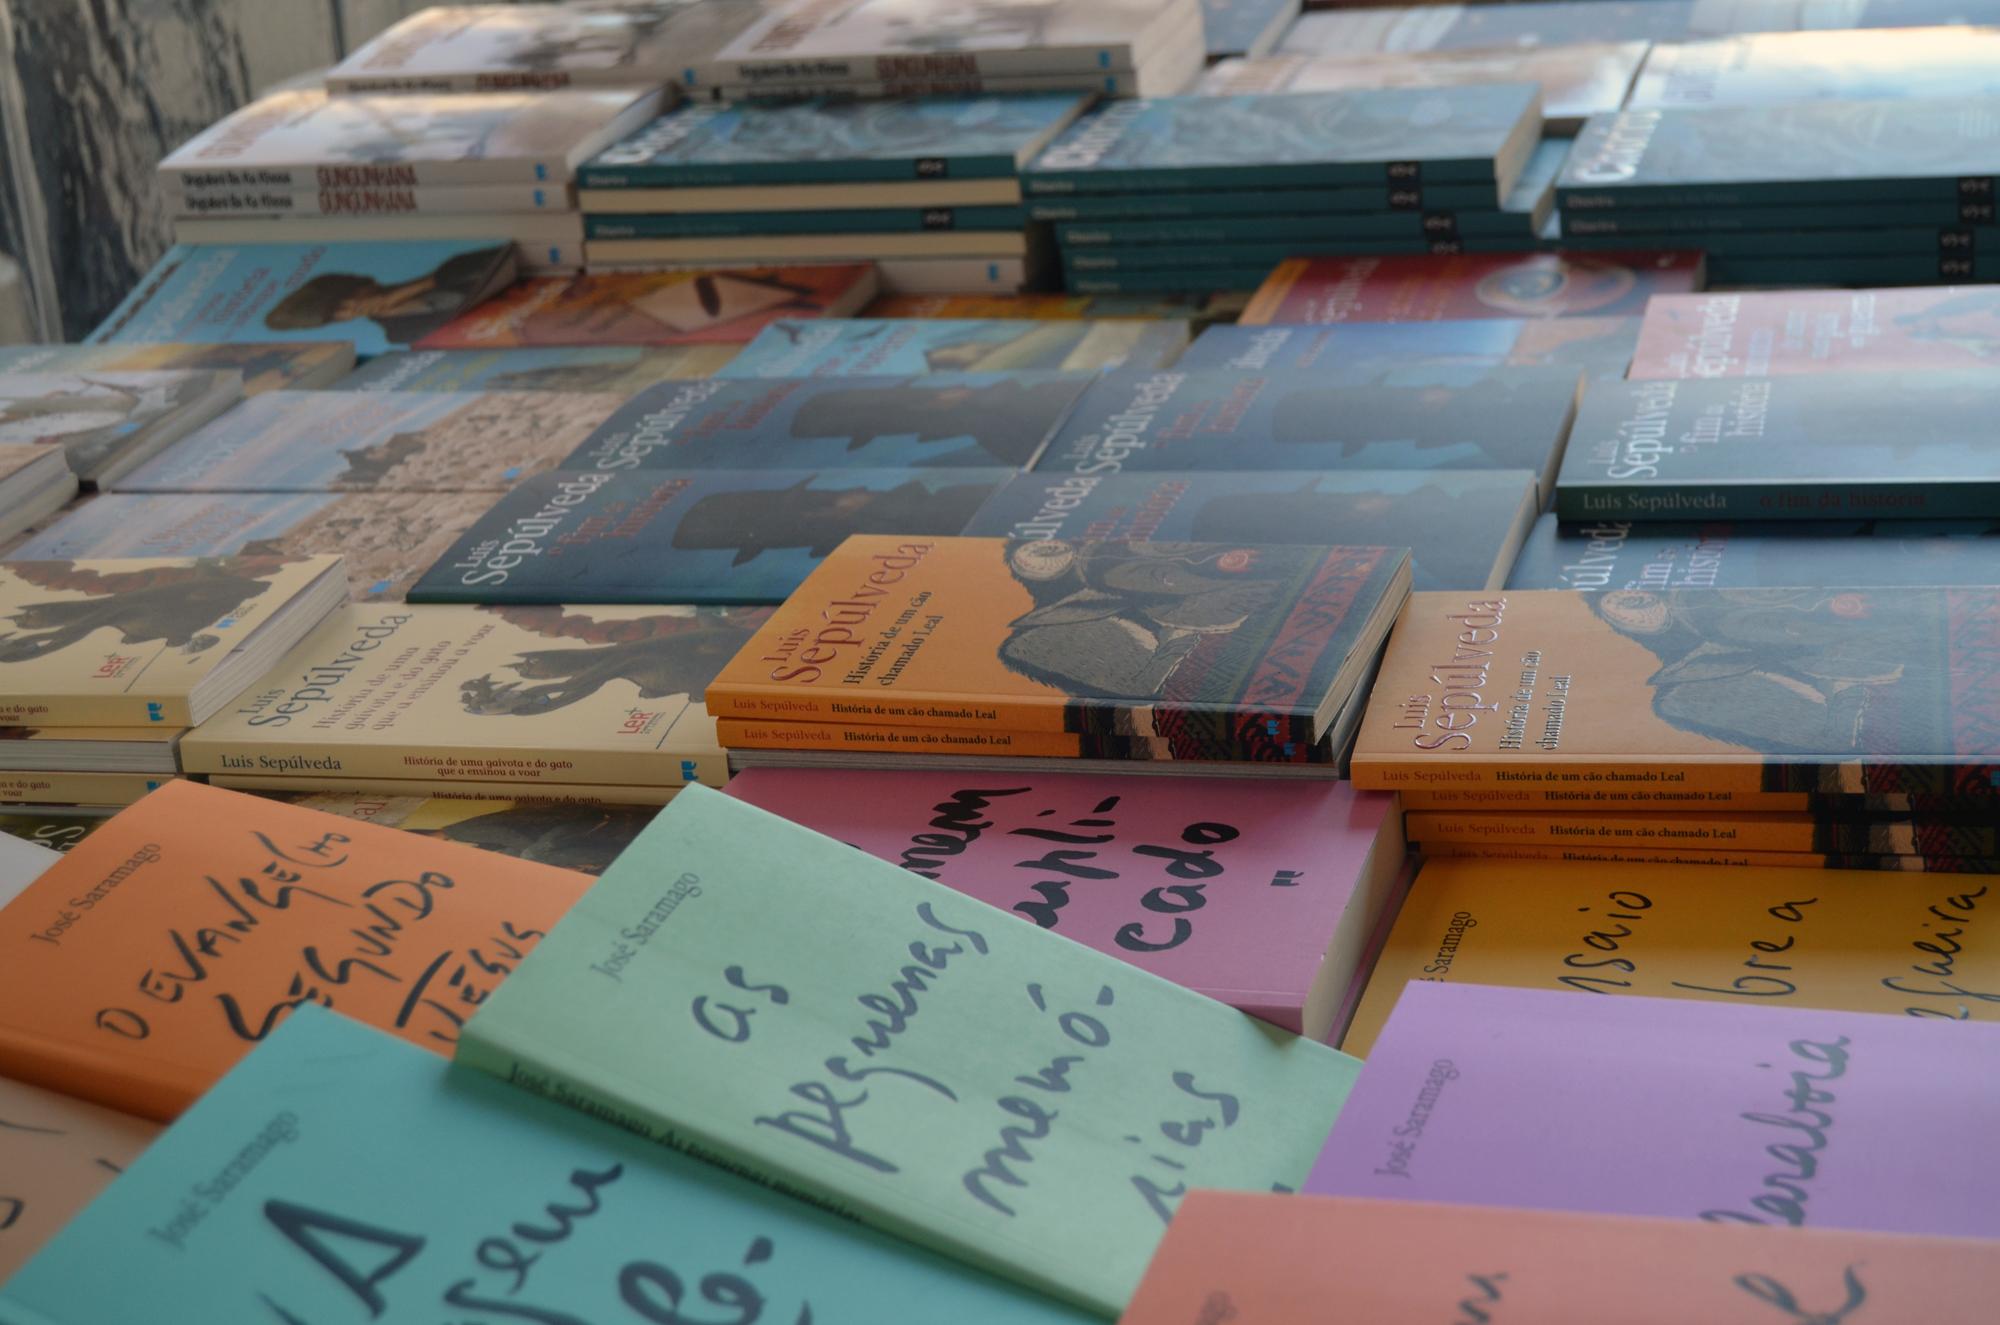 Feira do Livro, Correntes d'Escritas